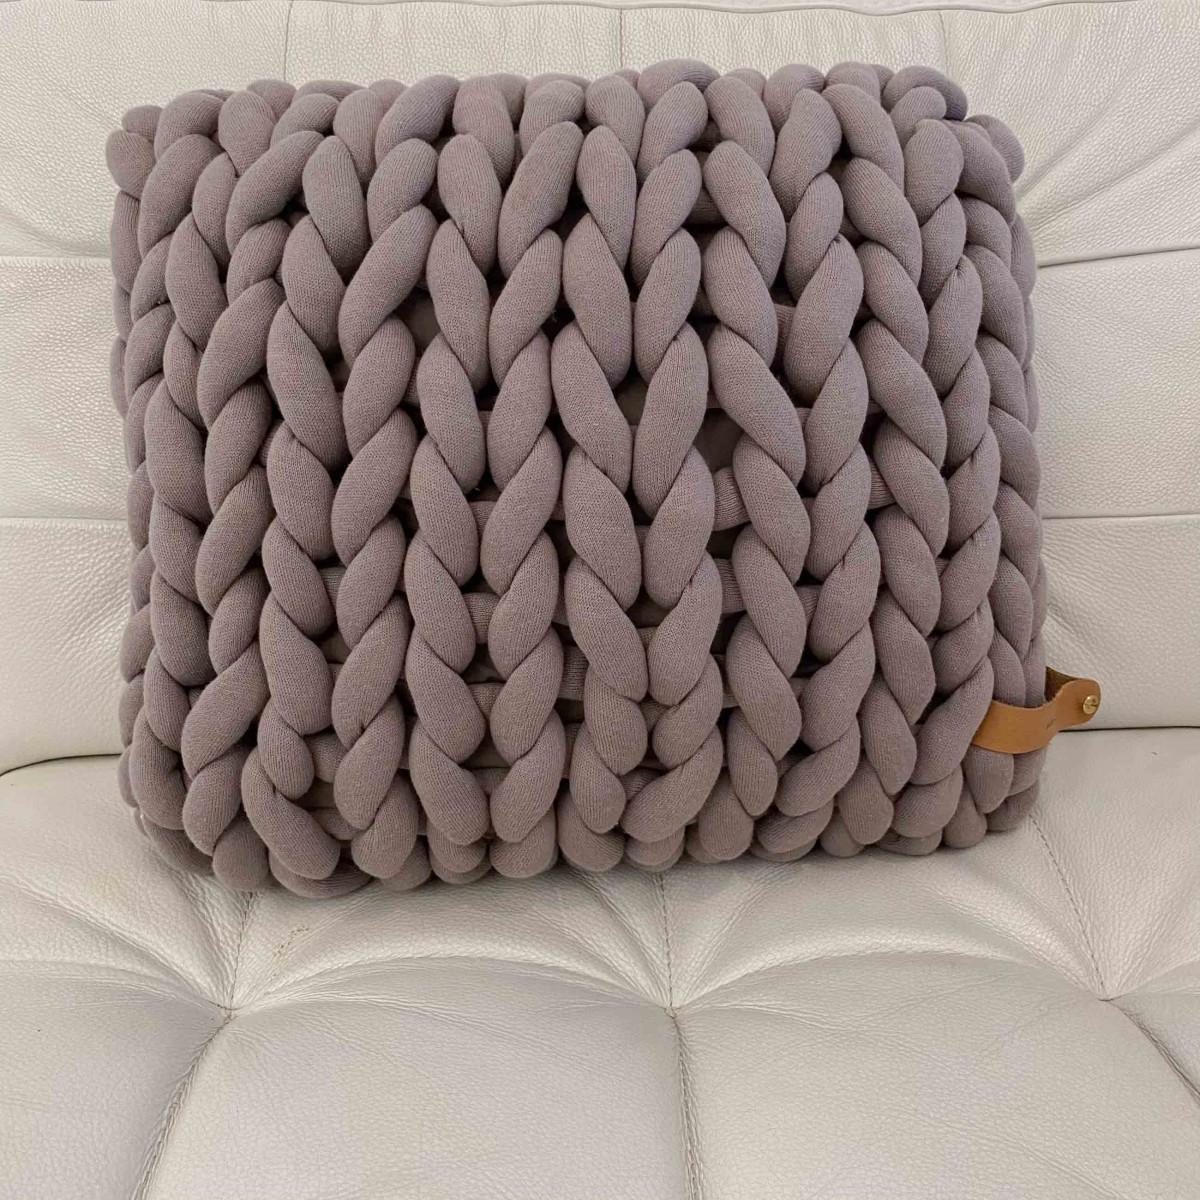 adorist - XXL Grobstrick Cotton Tube Kissen 45x40cm, taupe